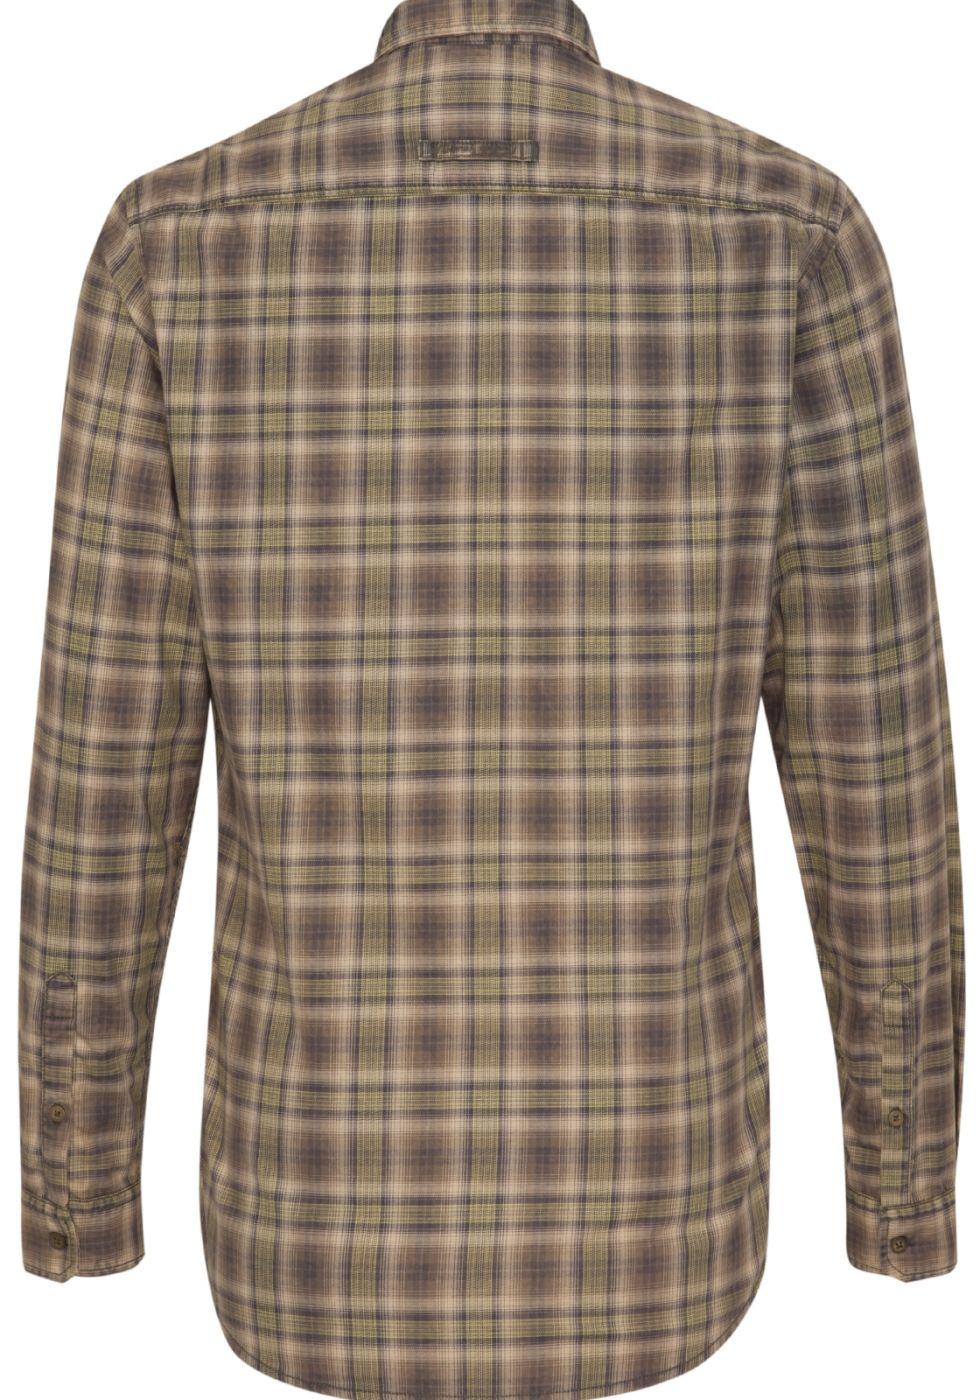 Koszula męska w seledynowo oliwkowo beżową kratę z  z4Jhk